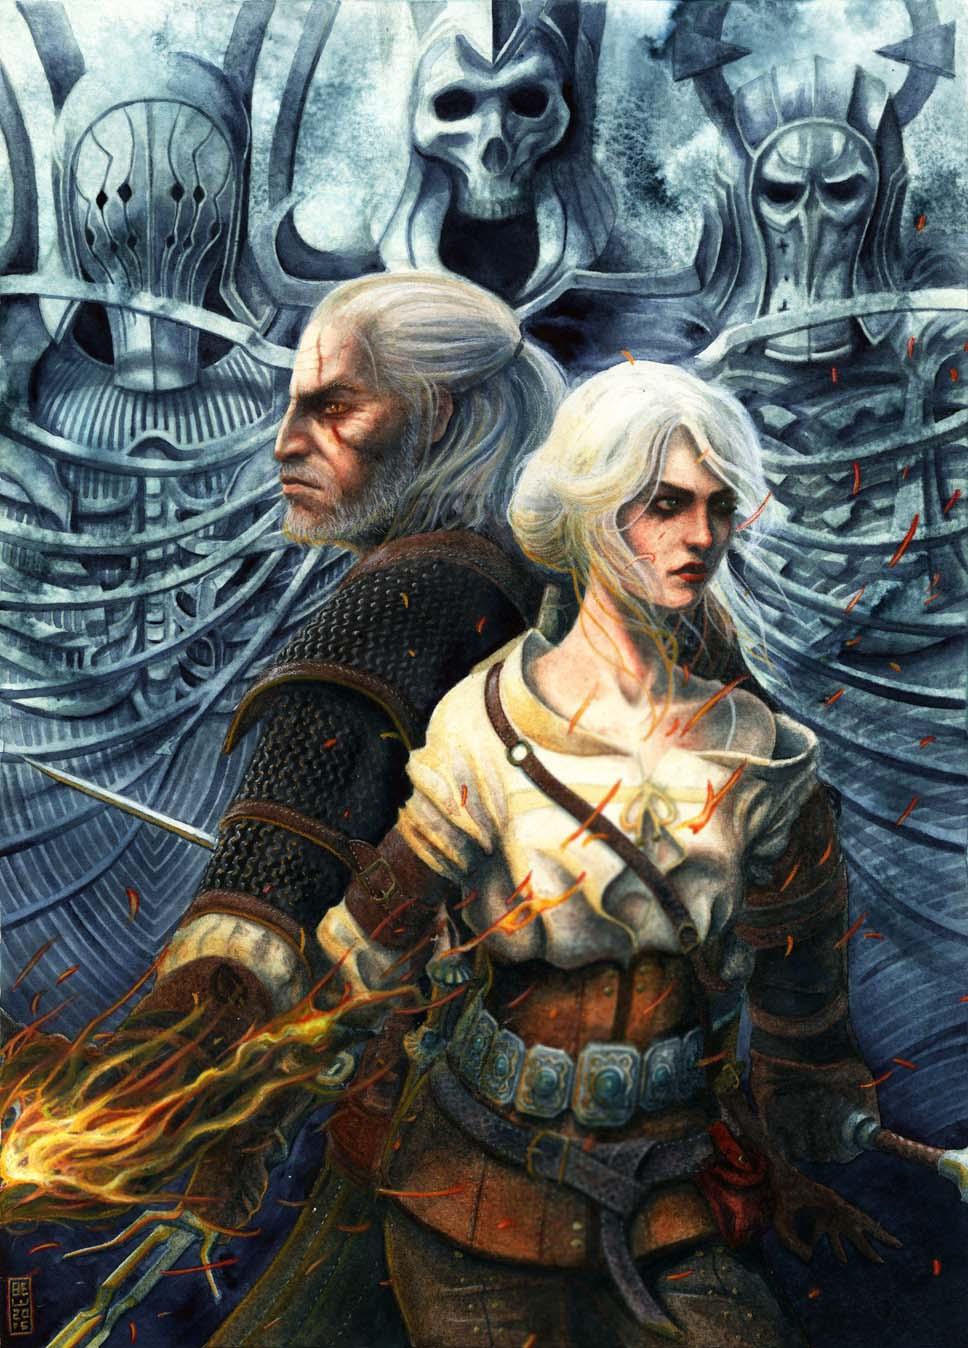 Witcher 96dpi.jpg